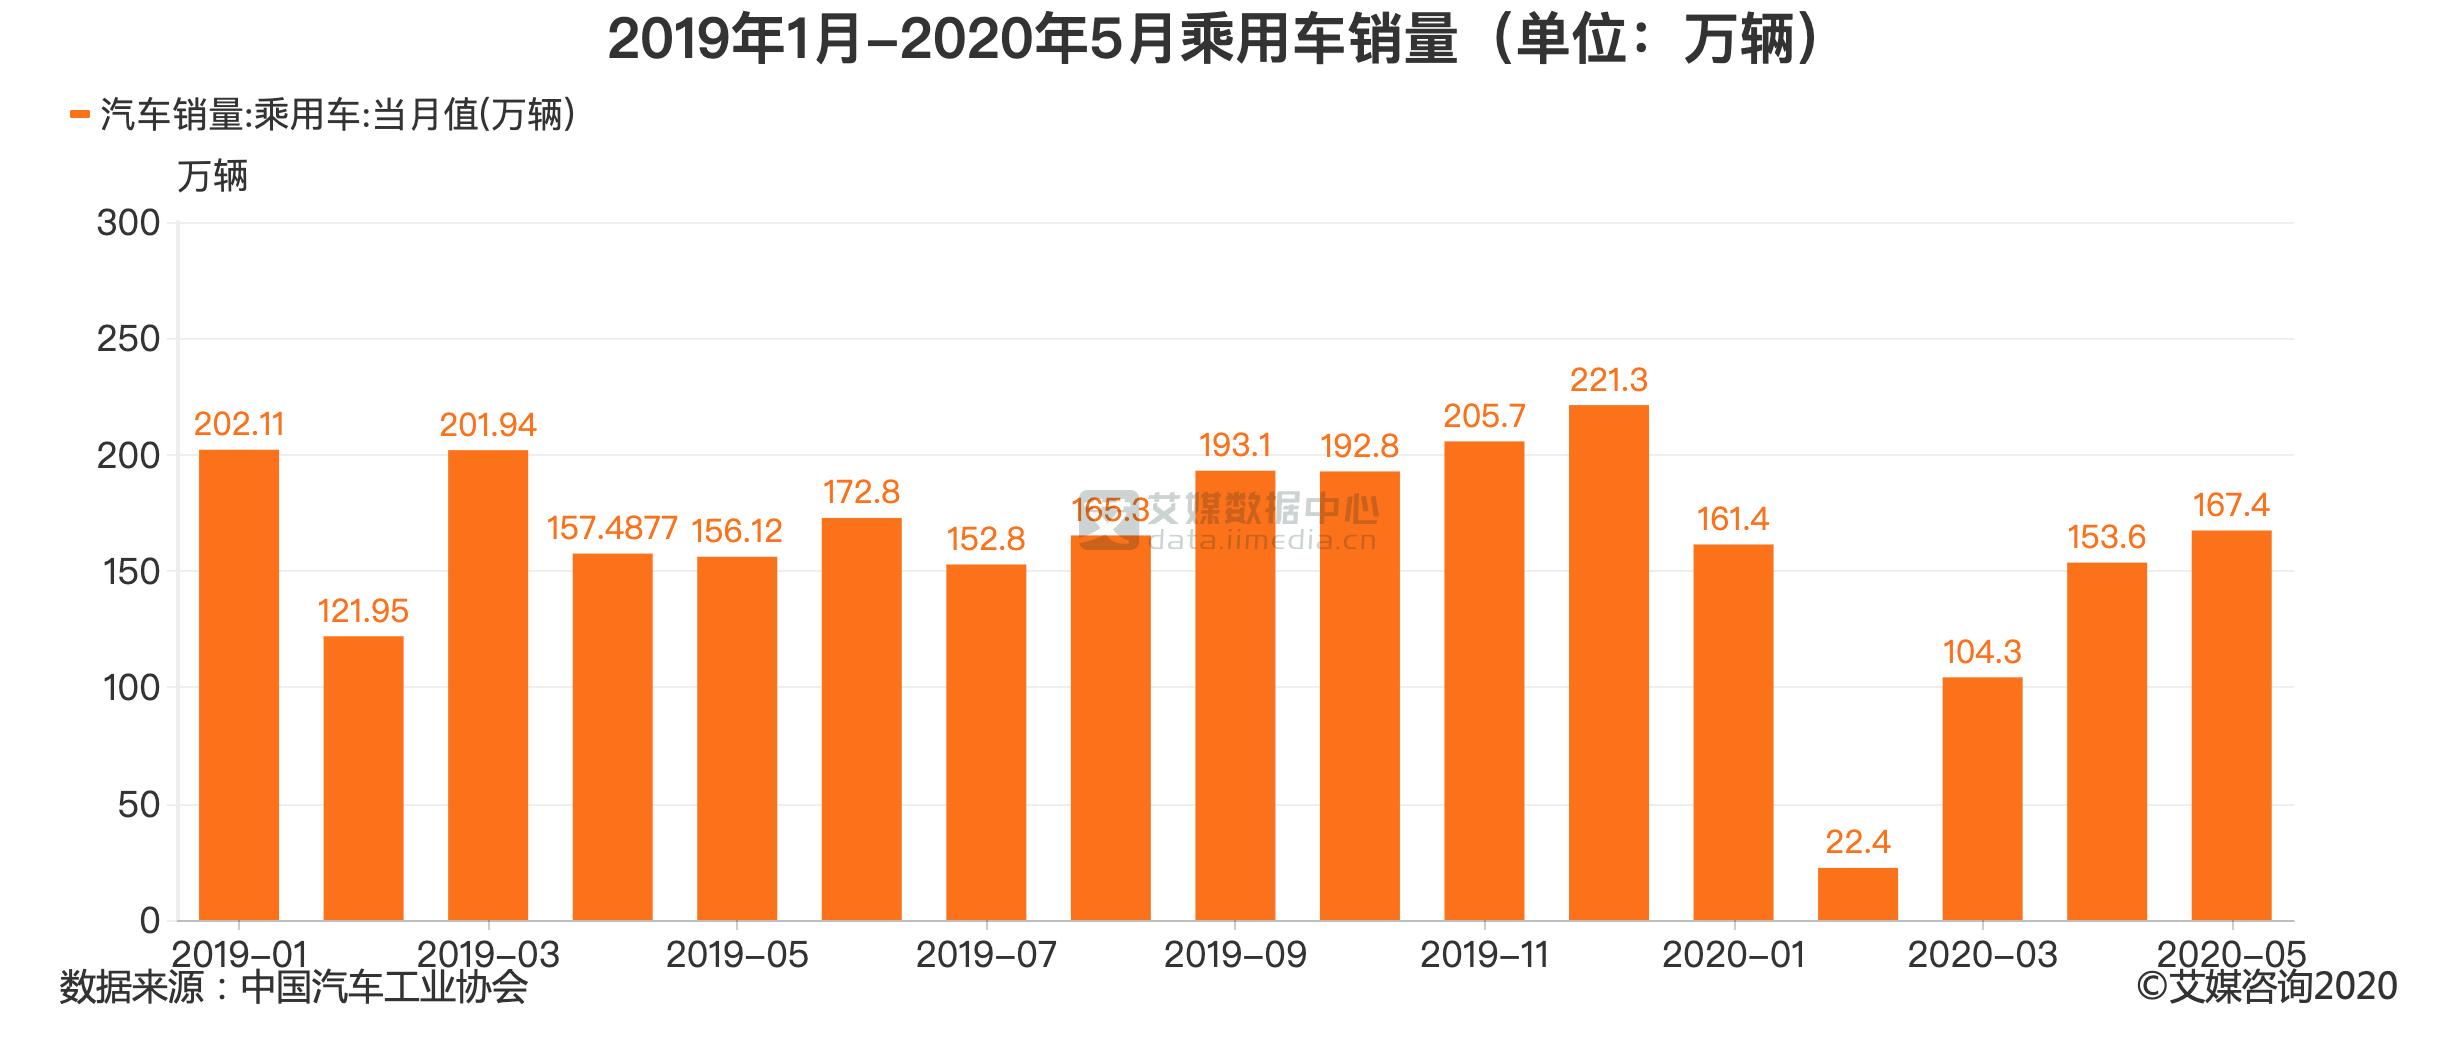 2019年1月-2020年5月乘用车销量(单位:万辆)